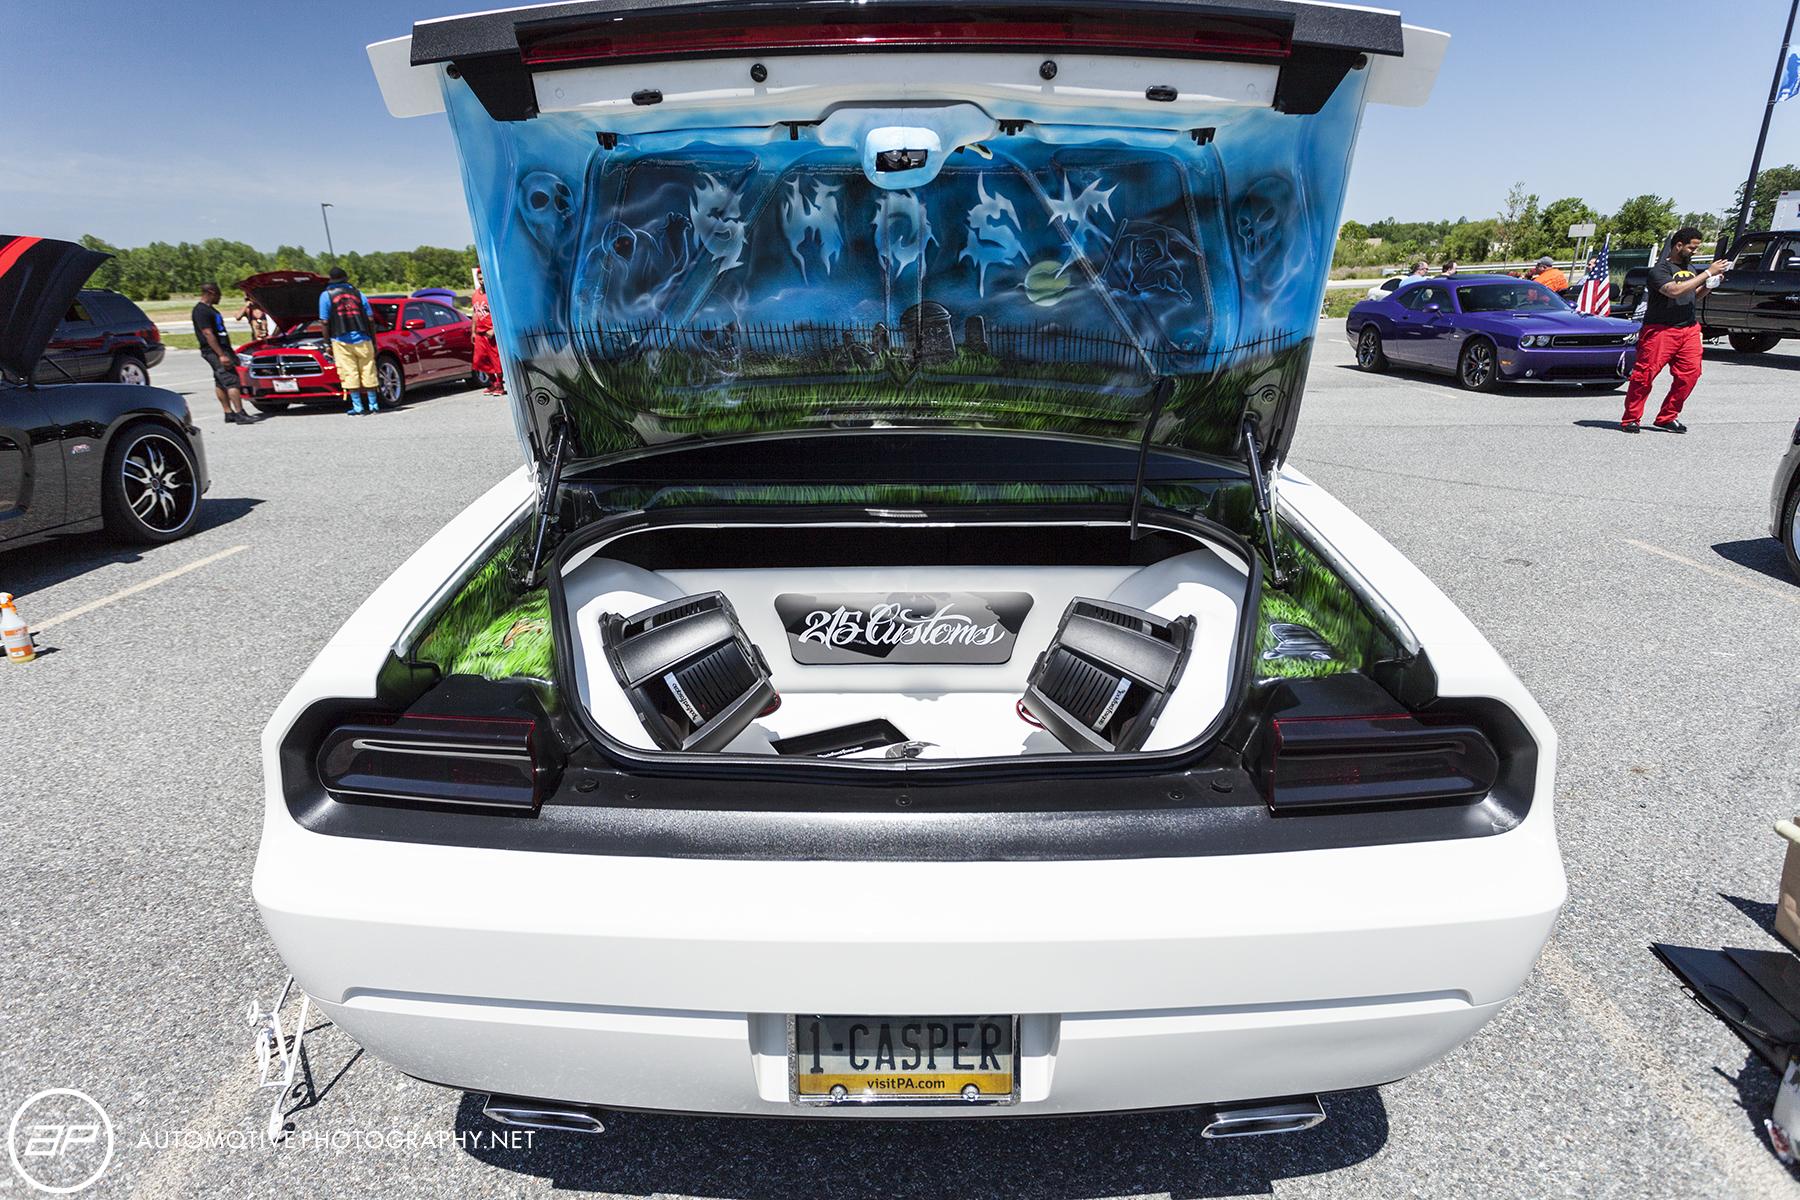 Dodge Challenger Custom Sub Amp - Casper